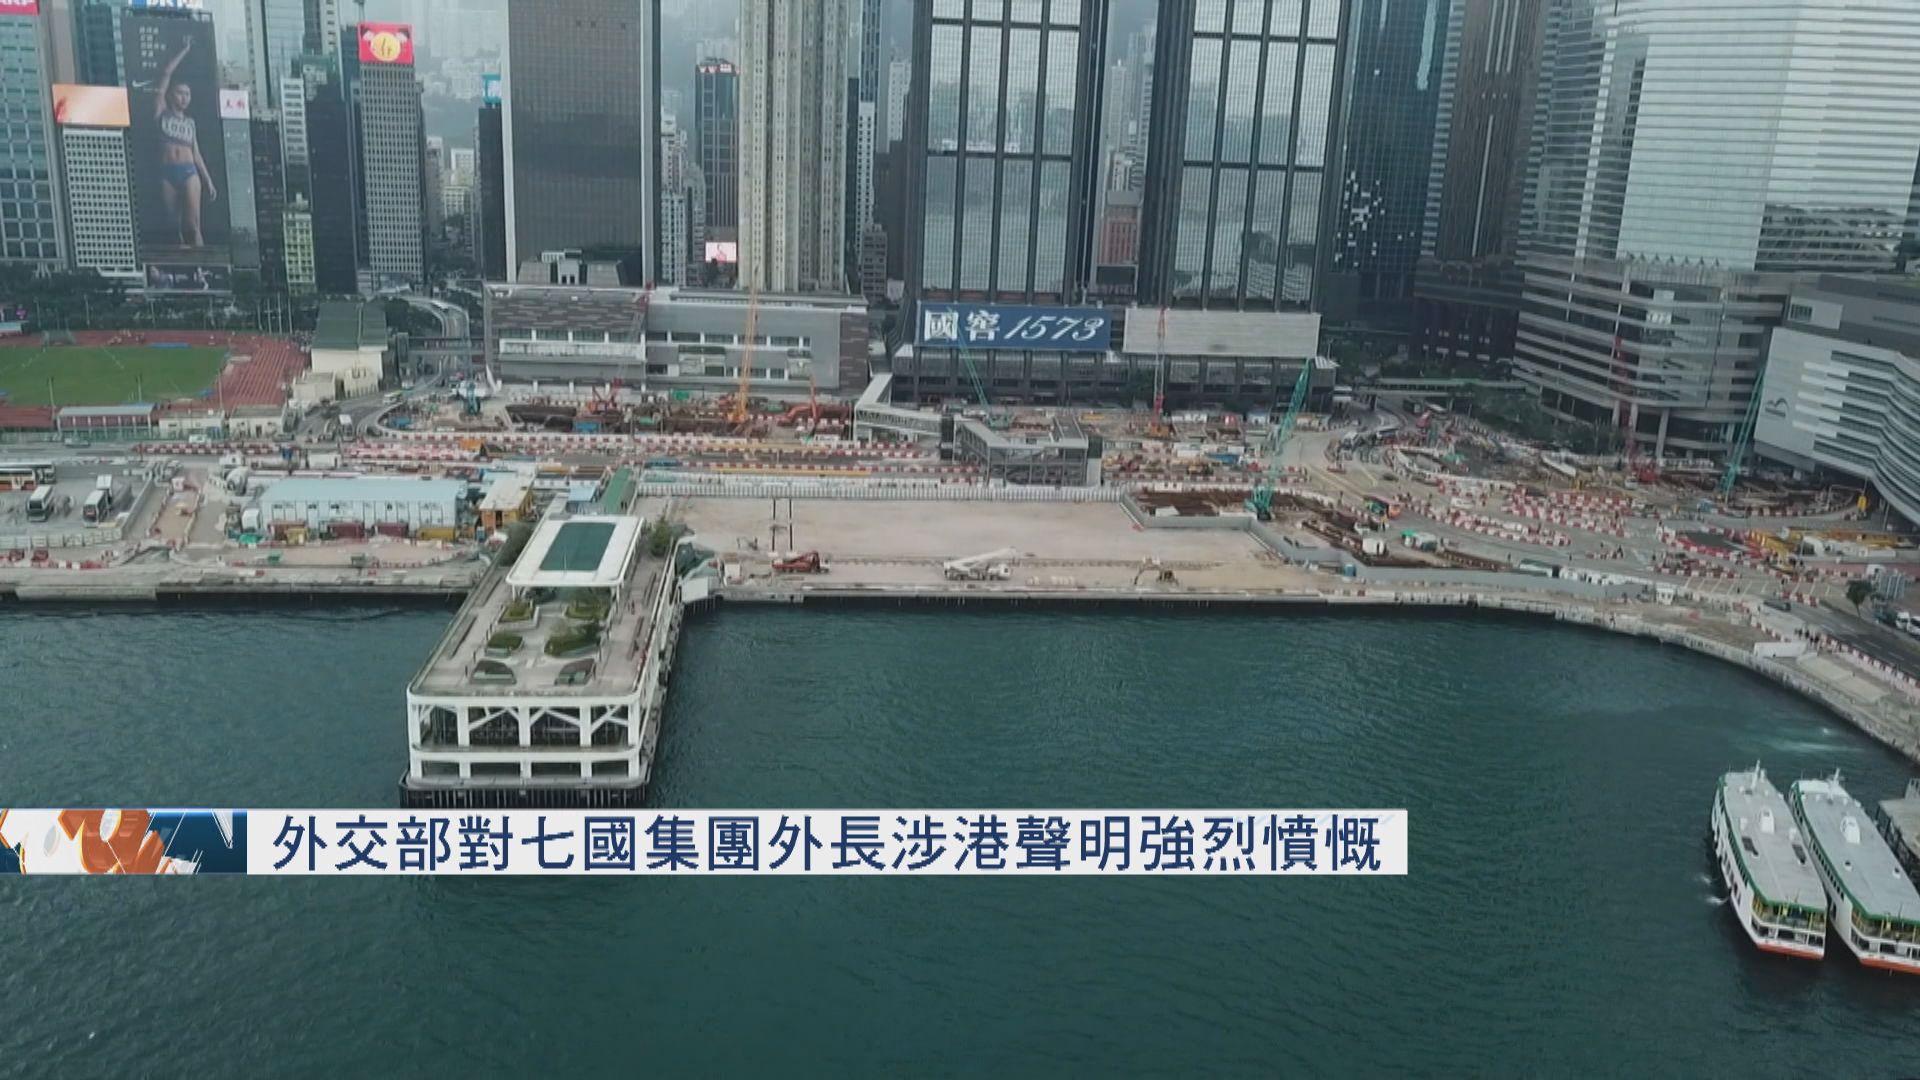 外交部對七國集團外長涉港聲明強烈憤慨